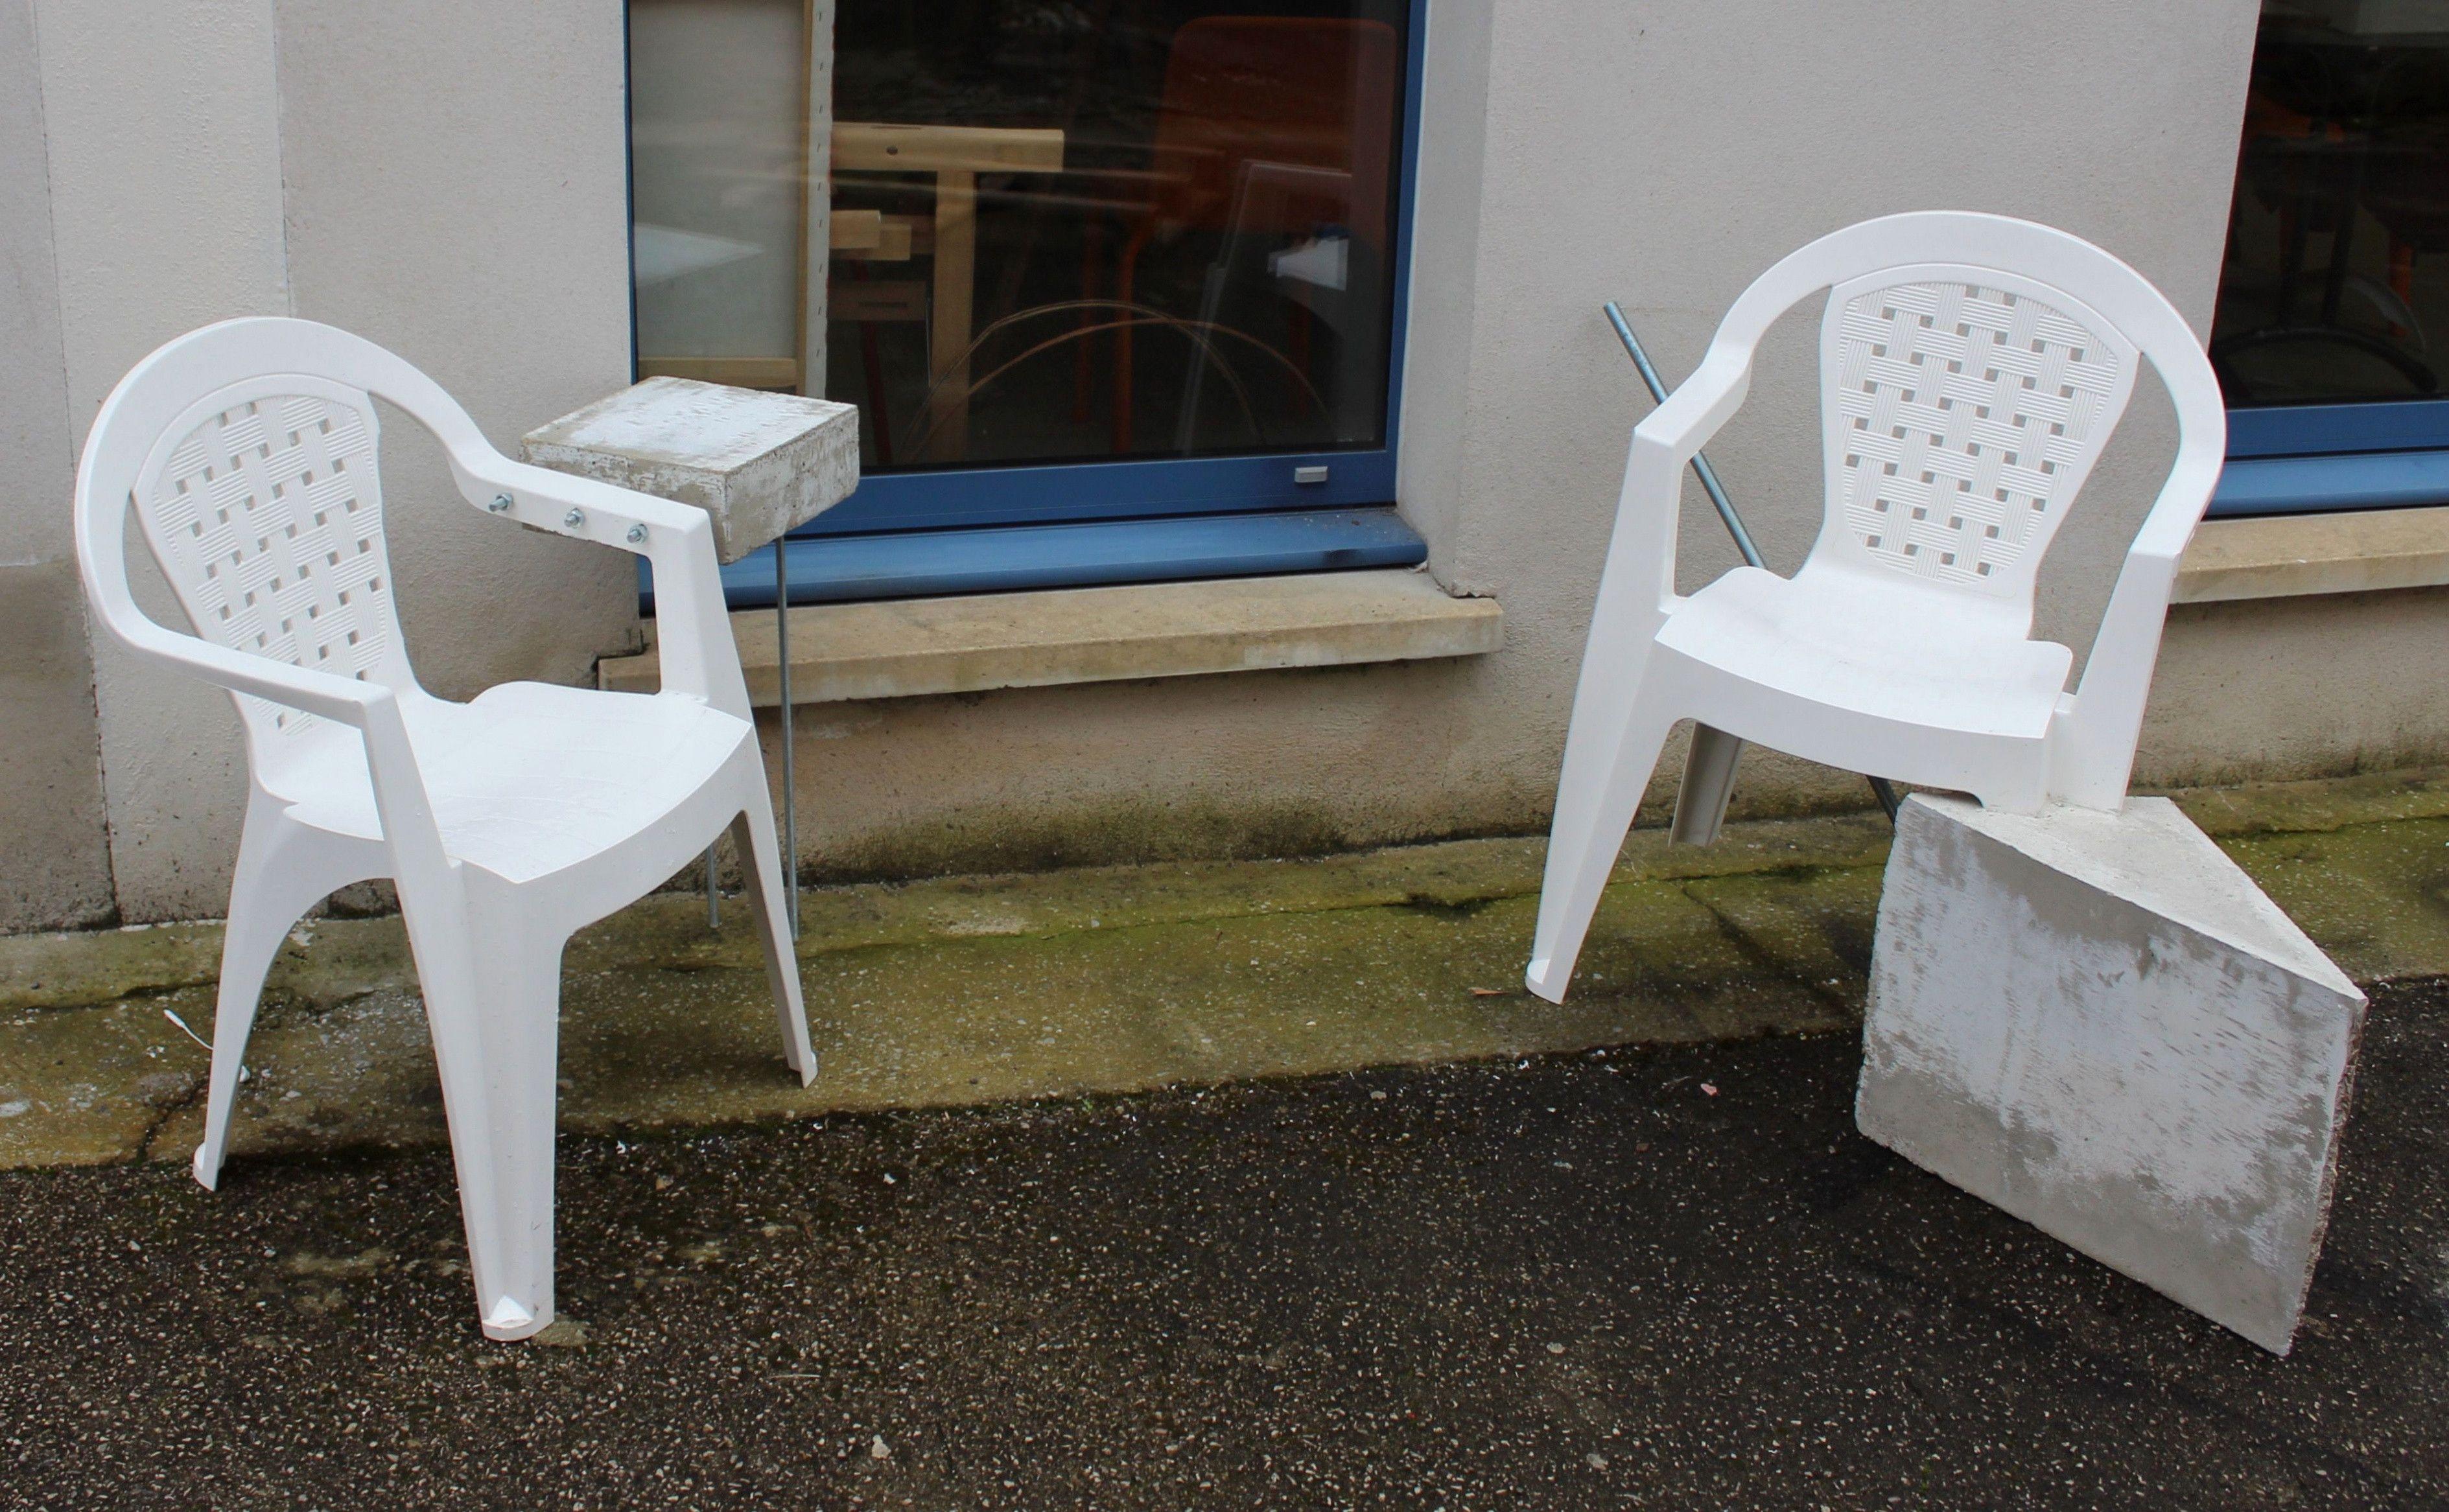 Meilleur Chaise Plexi Pas Cher Idees Inspirantes Chaise En Plexi Ikea Chaise En Plexiglas Ikea Chaise Plexi Avec Accoudoir Chaise Plexi Avec Cou